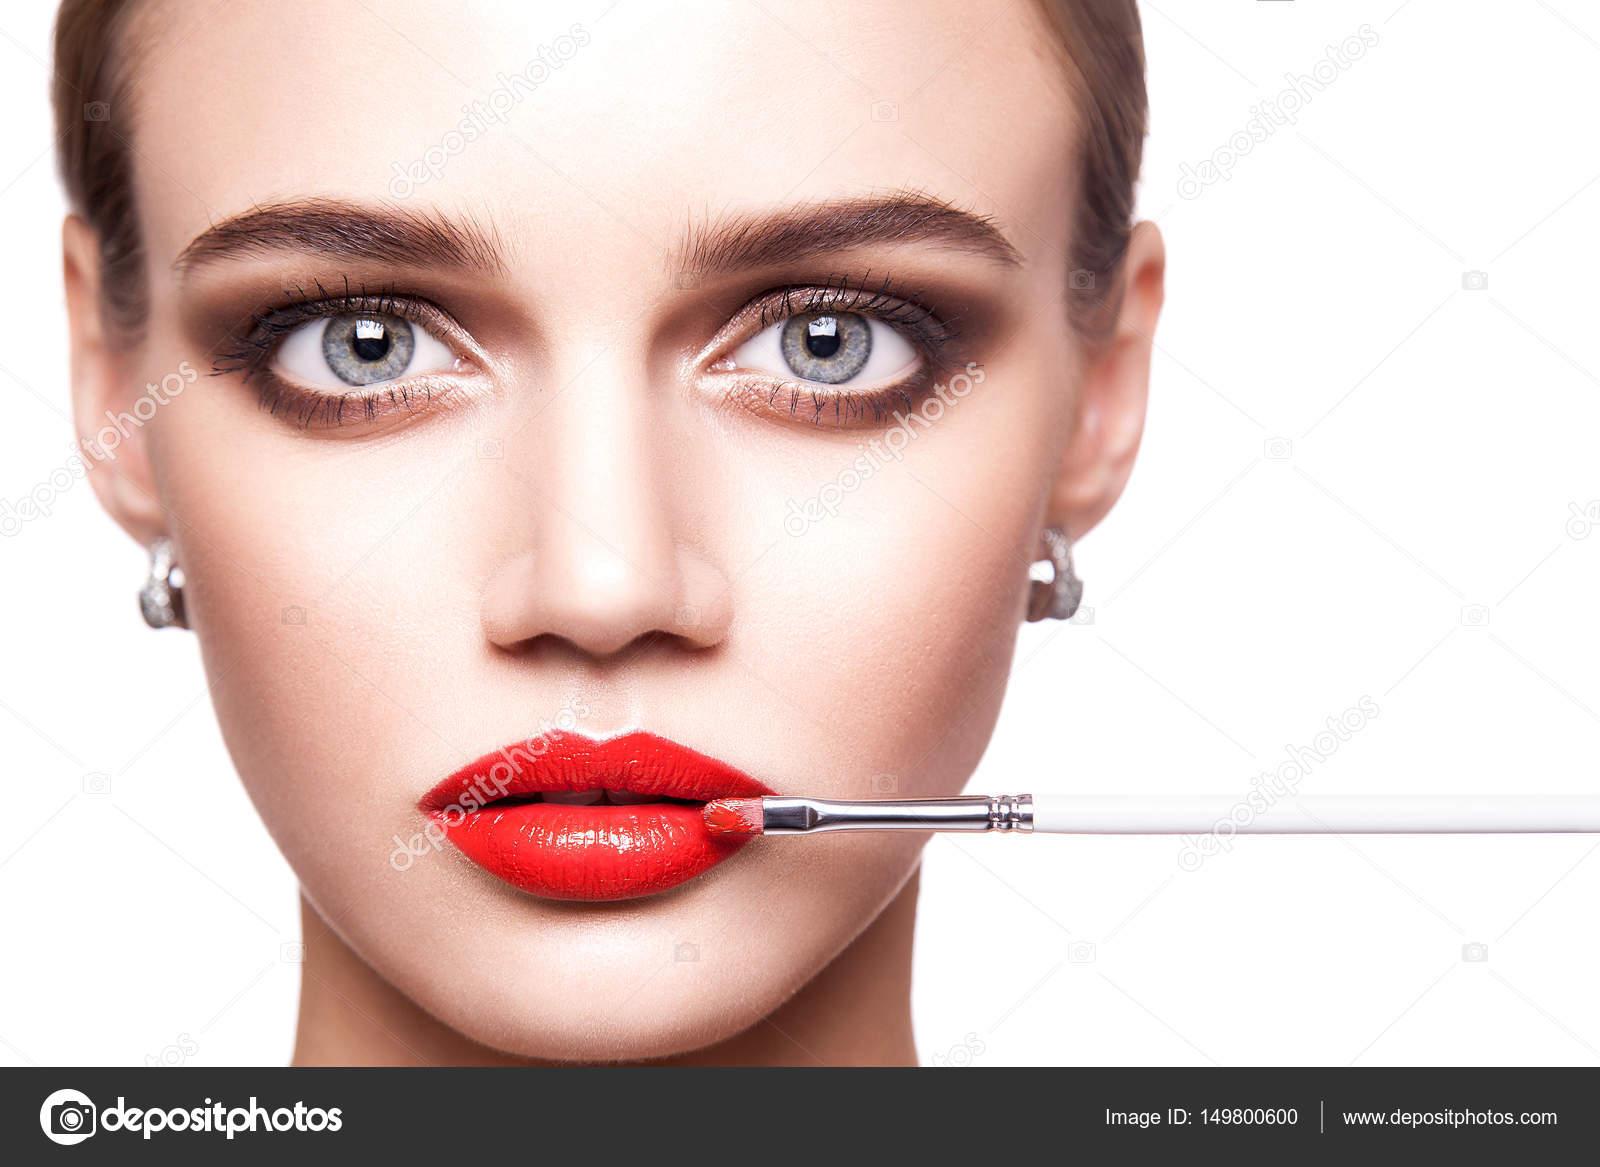 Professional Makeup Artist Applies Makeup For Beautiful Young Woman